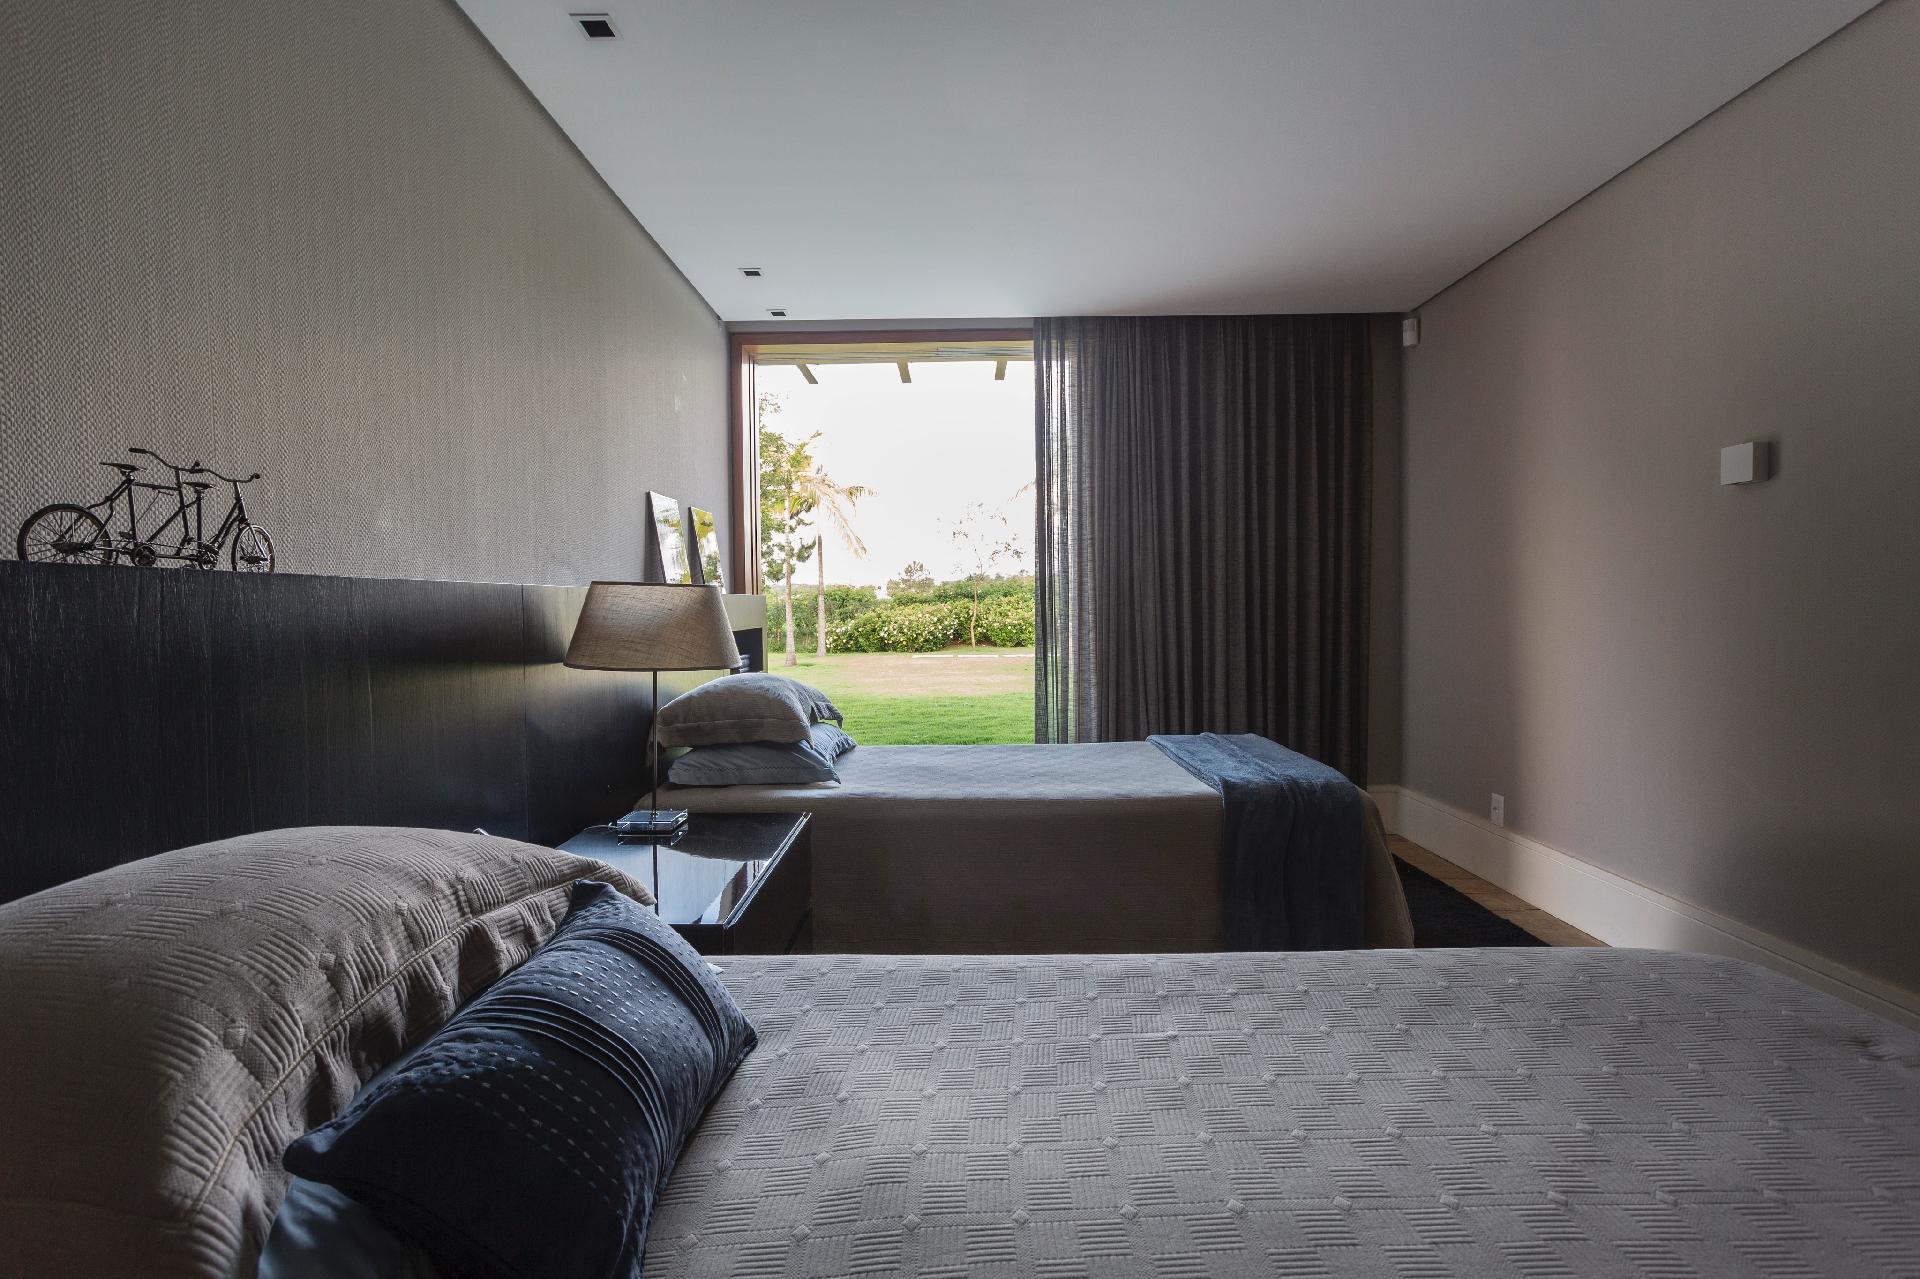 O arquiteto Maurício Karam desenhou uma cabeceira em madeira ebanizada para esta suíte na casa de campo no interior paulista. O dormitório com cortina de linho está conectado ao jardim da residência por uma porta corrediça